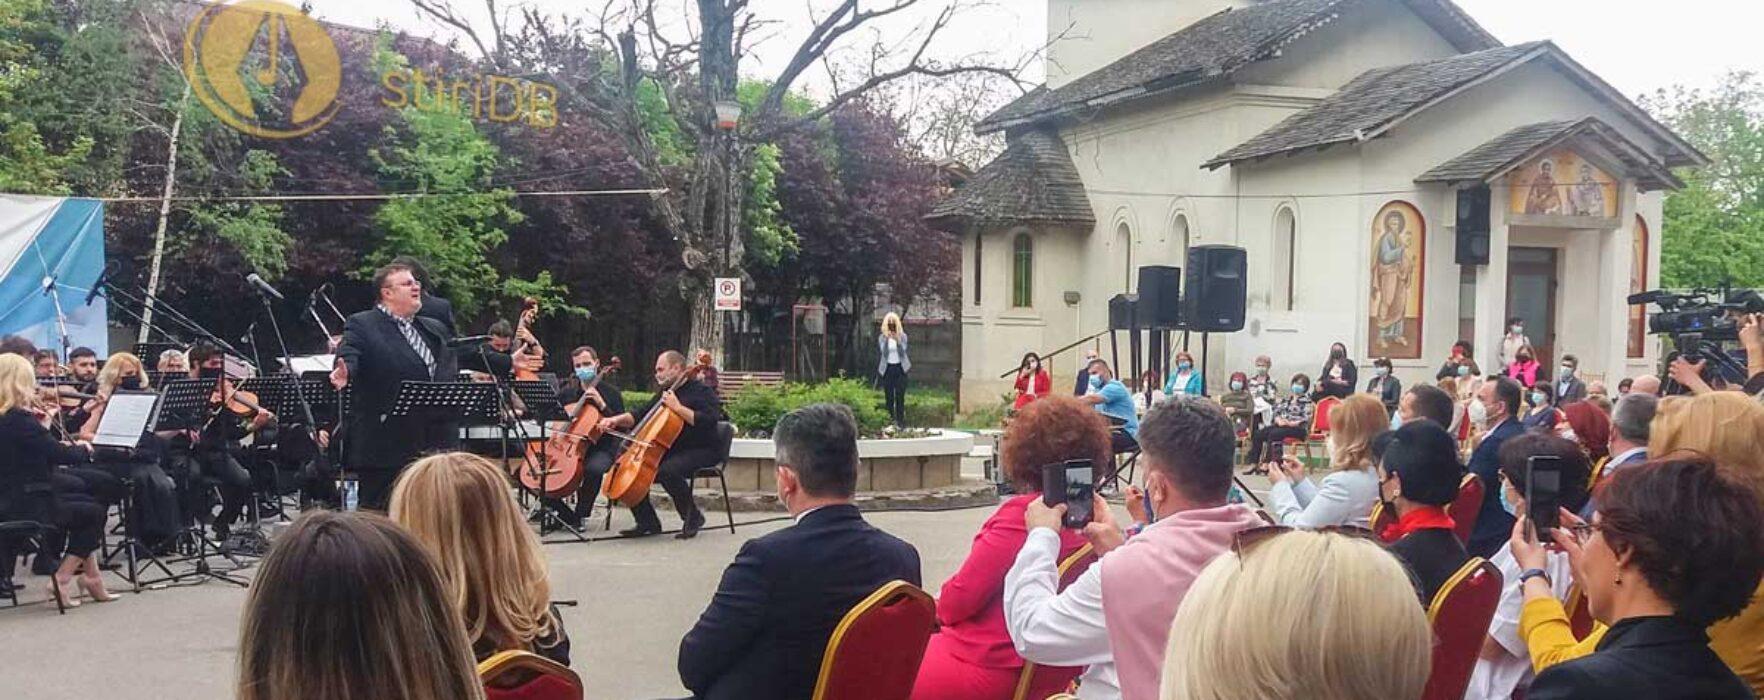 Dâmboviţa: Concert de muzică clasică în curtea Spitalului Judeţean Târgovişte, dedicat medicilor